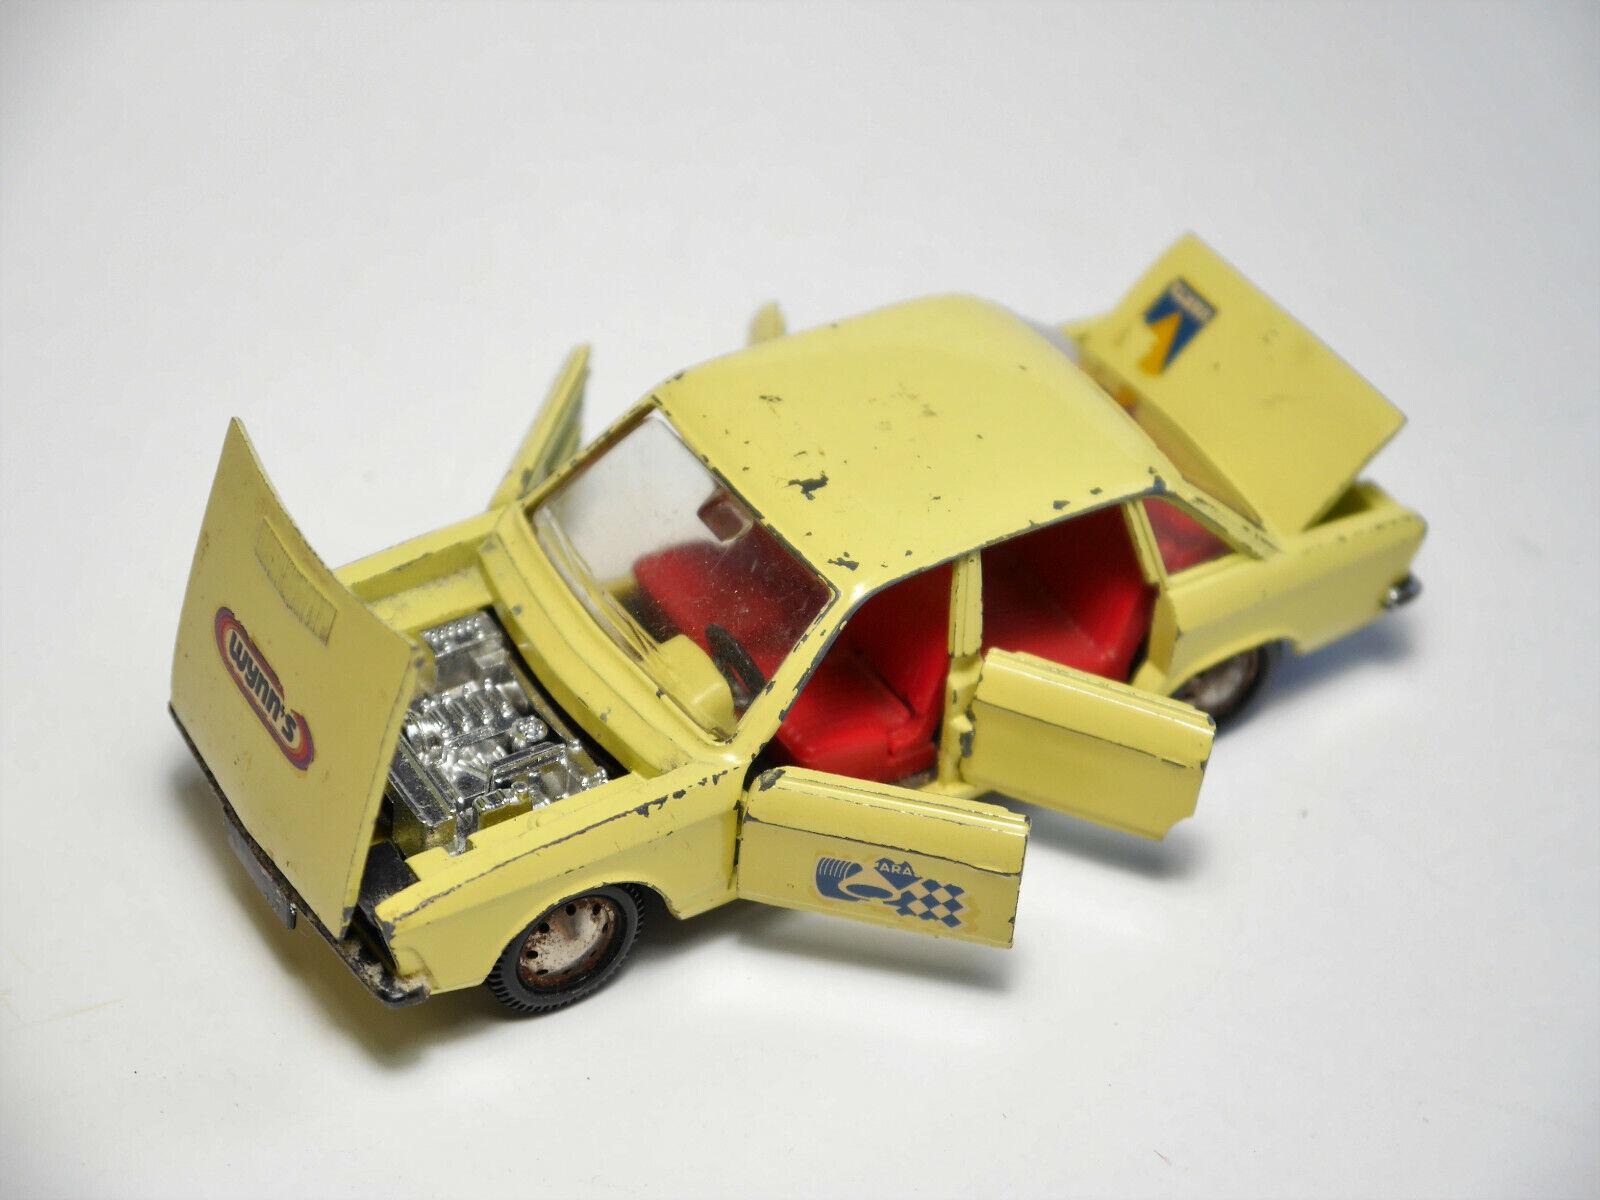 Volkswagen VW K70 K 70 in Yellow yellow yellow YELLOW, Märklin RAK in 1 43